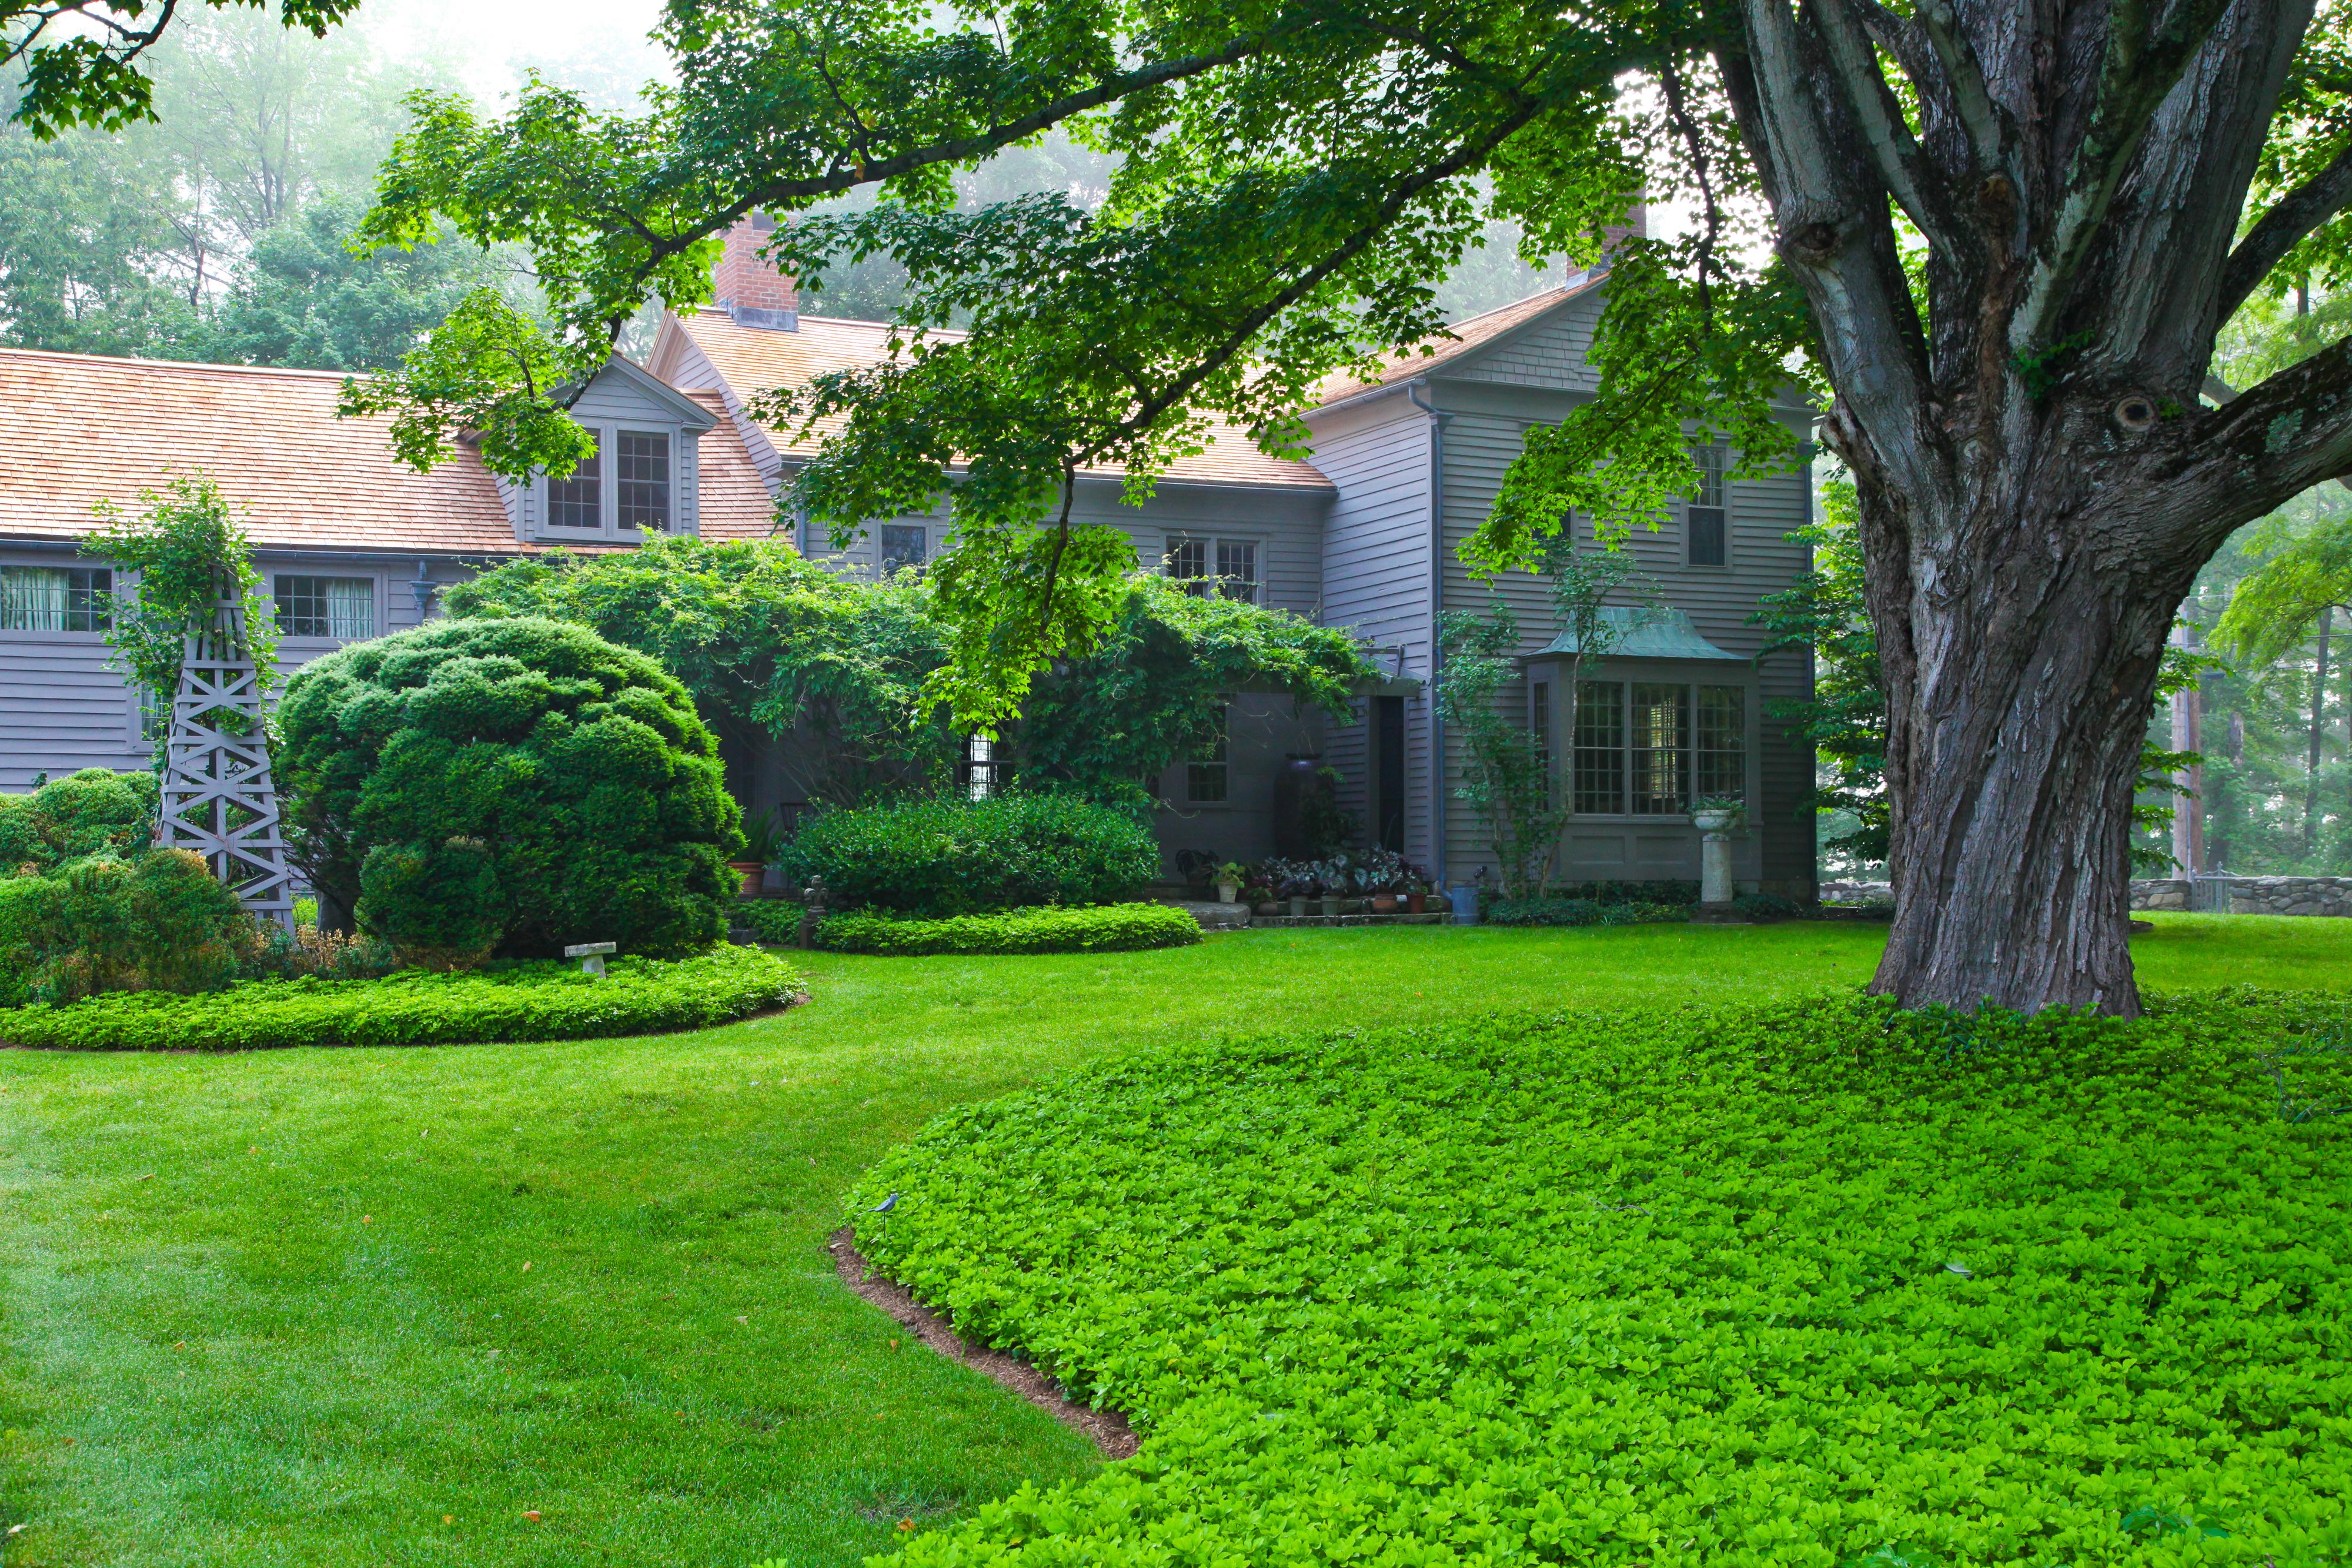 独户住宅 为 销售 在 BULL HILL FARM - HISTORY AND ELEGANCE REDUX 514 Rannapo Rd Sheffield, 马萨诸塞州 01257 美国